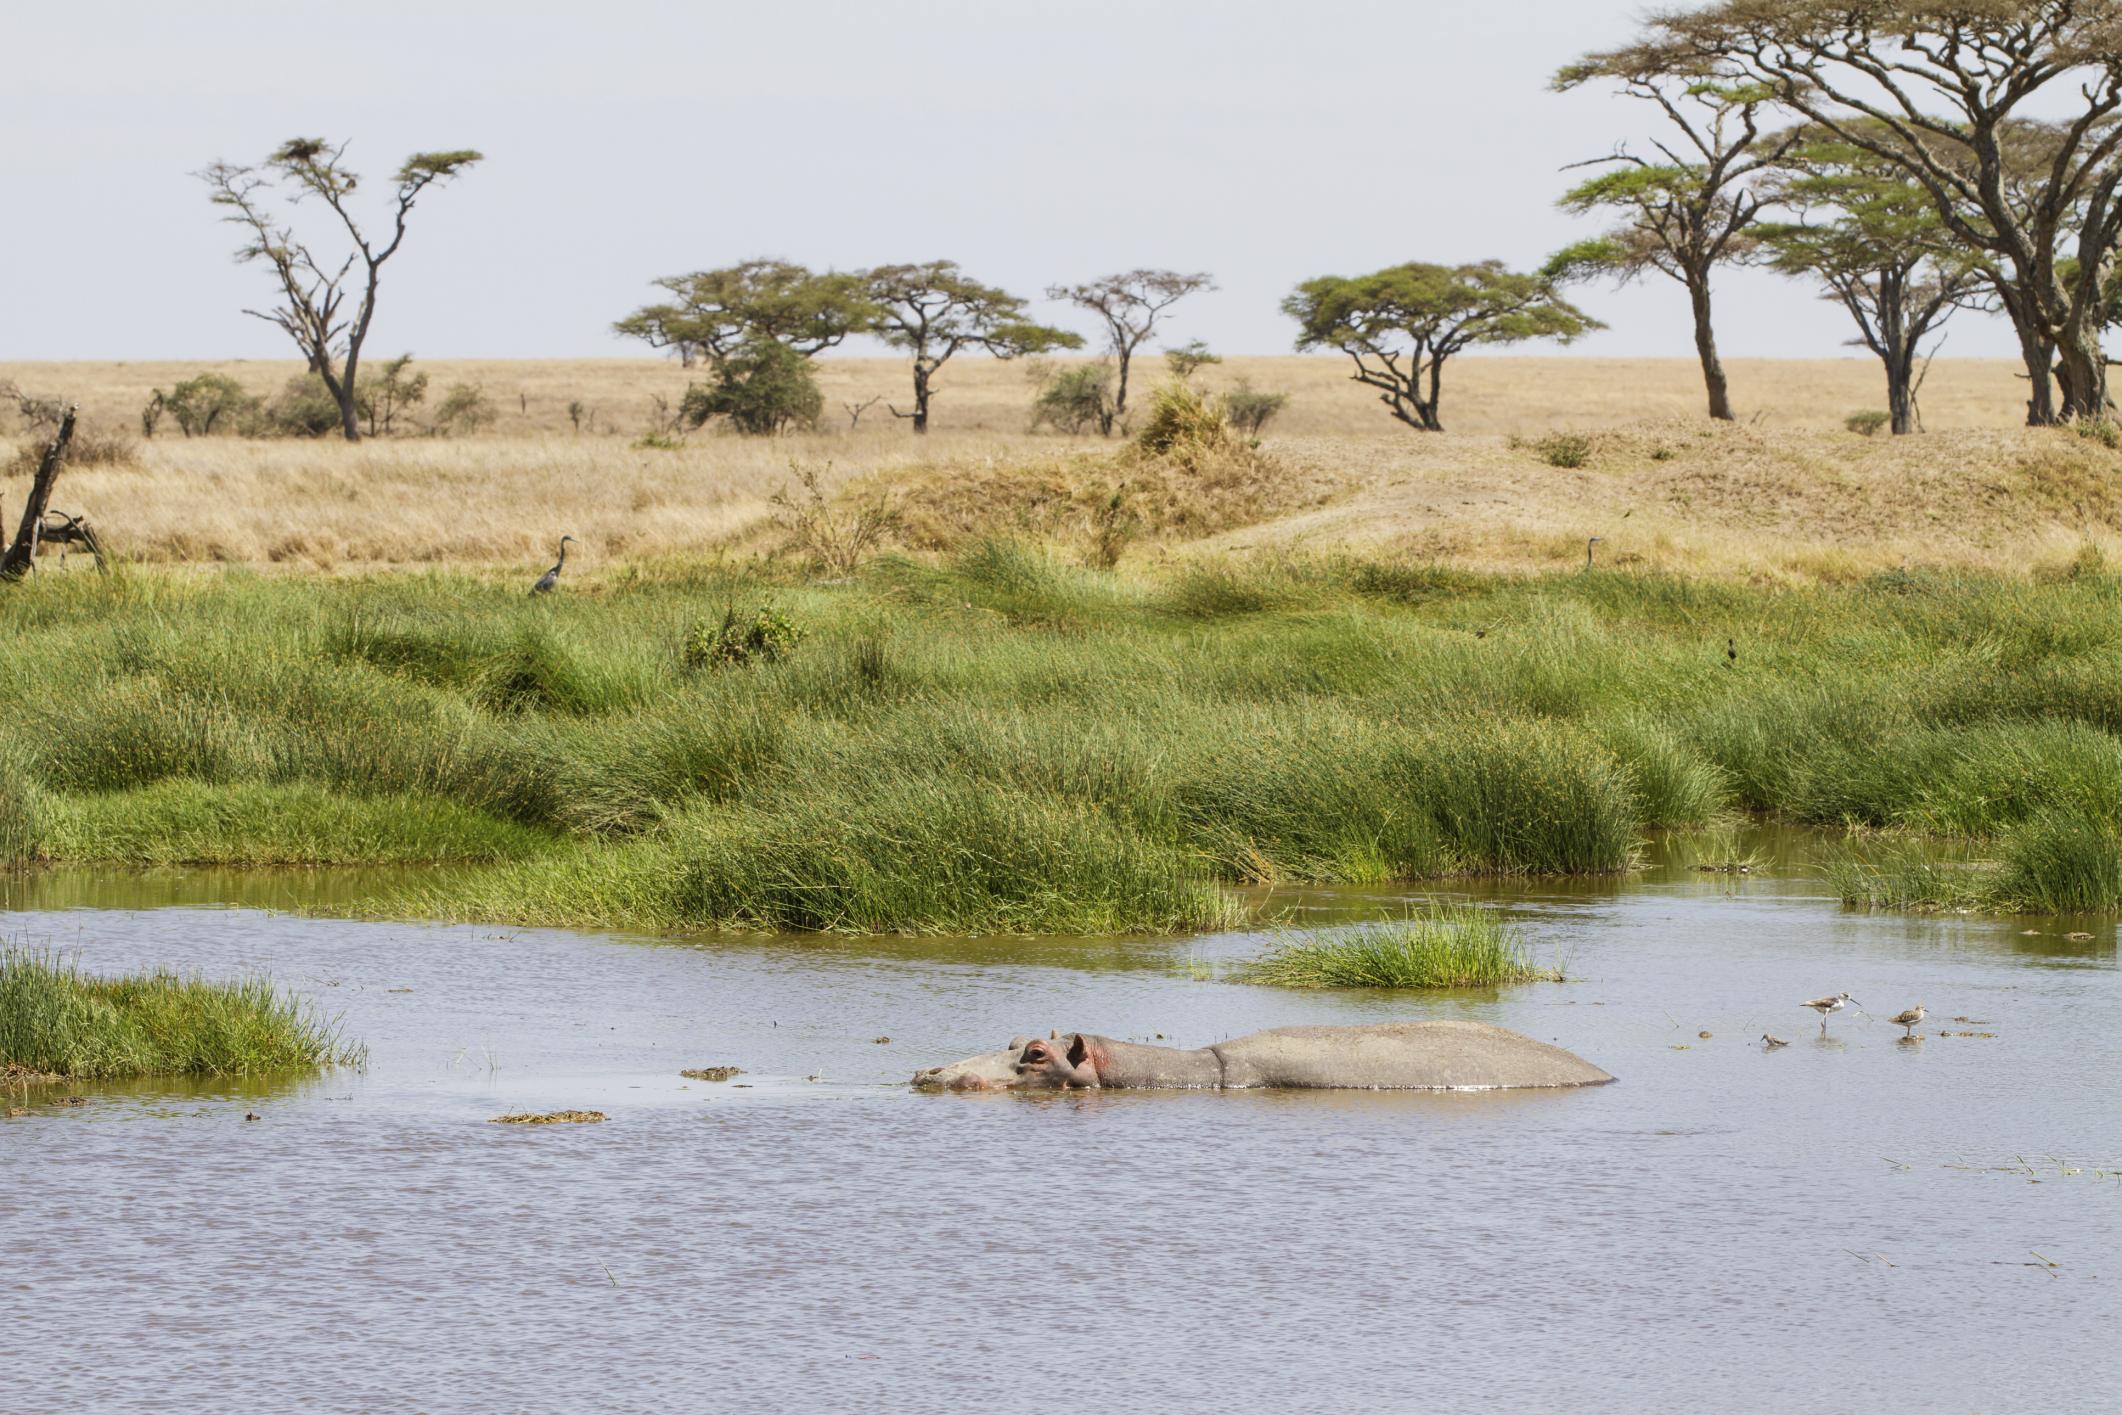 Reisebericht Tansania - Safari durch Tansania